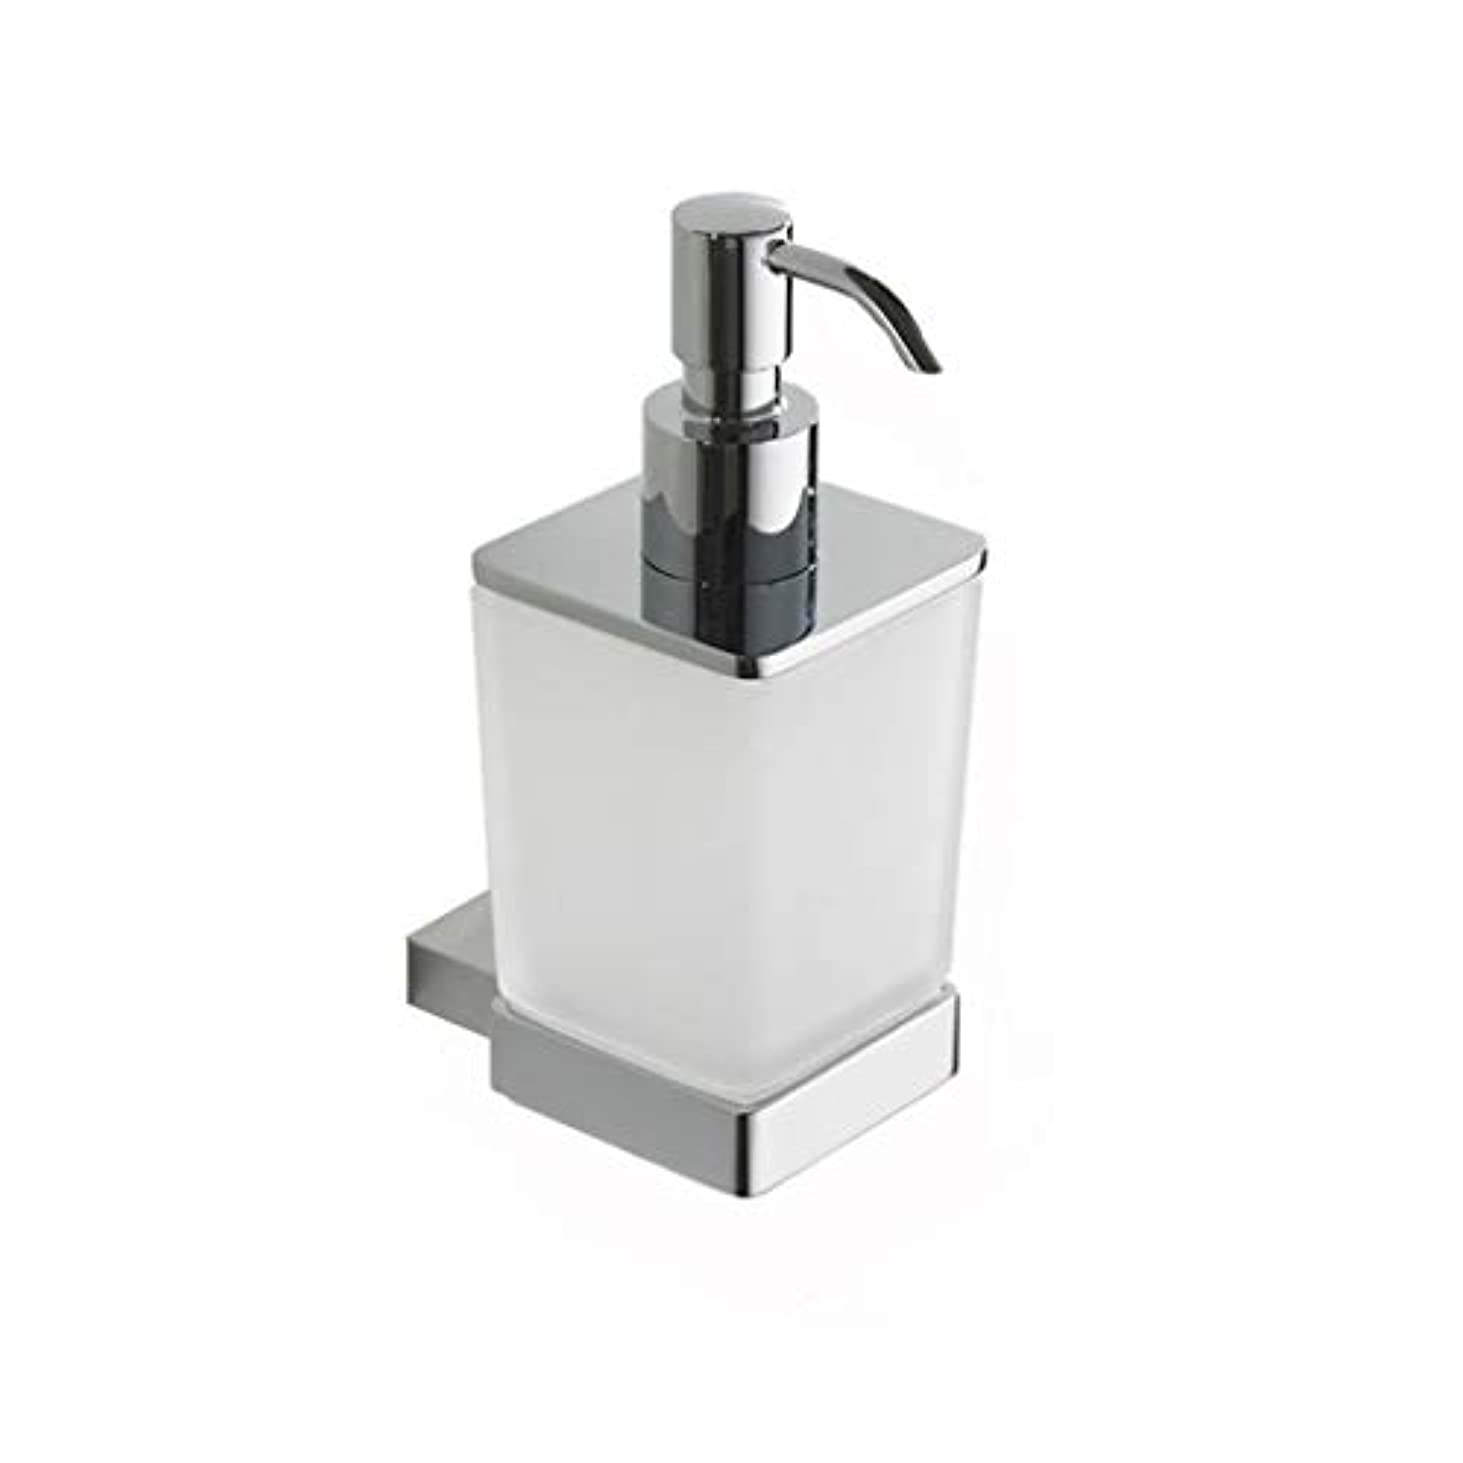 解放する旅客司令官Kylinssh 、浴室のための金属の詰め替え式液体手の石鹸ディスペンサーポンプボトル - 安い、ディスカウント価格また手の消毒剤及び精油のために使用することができます